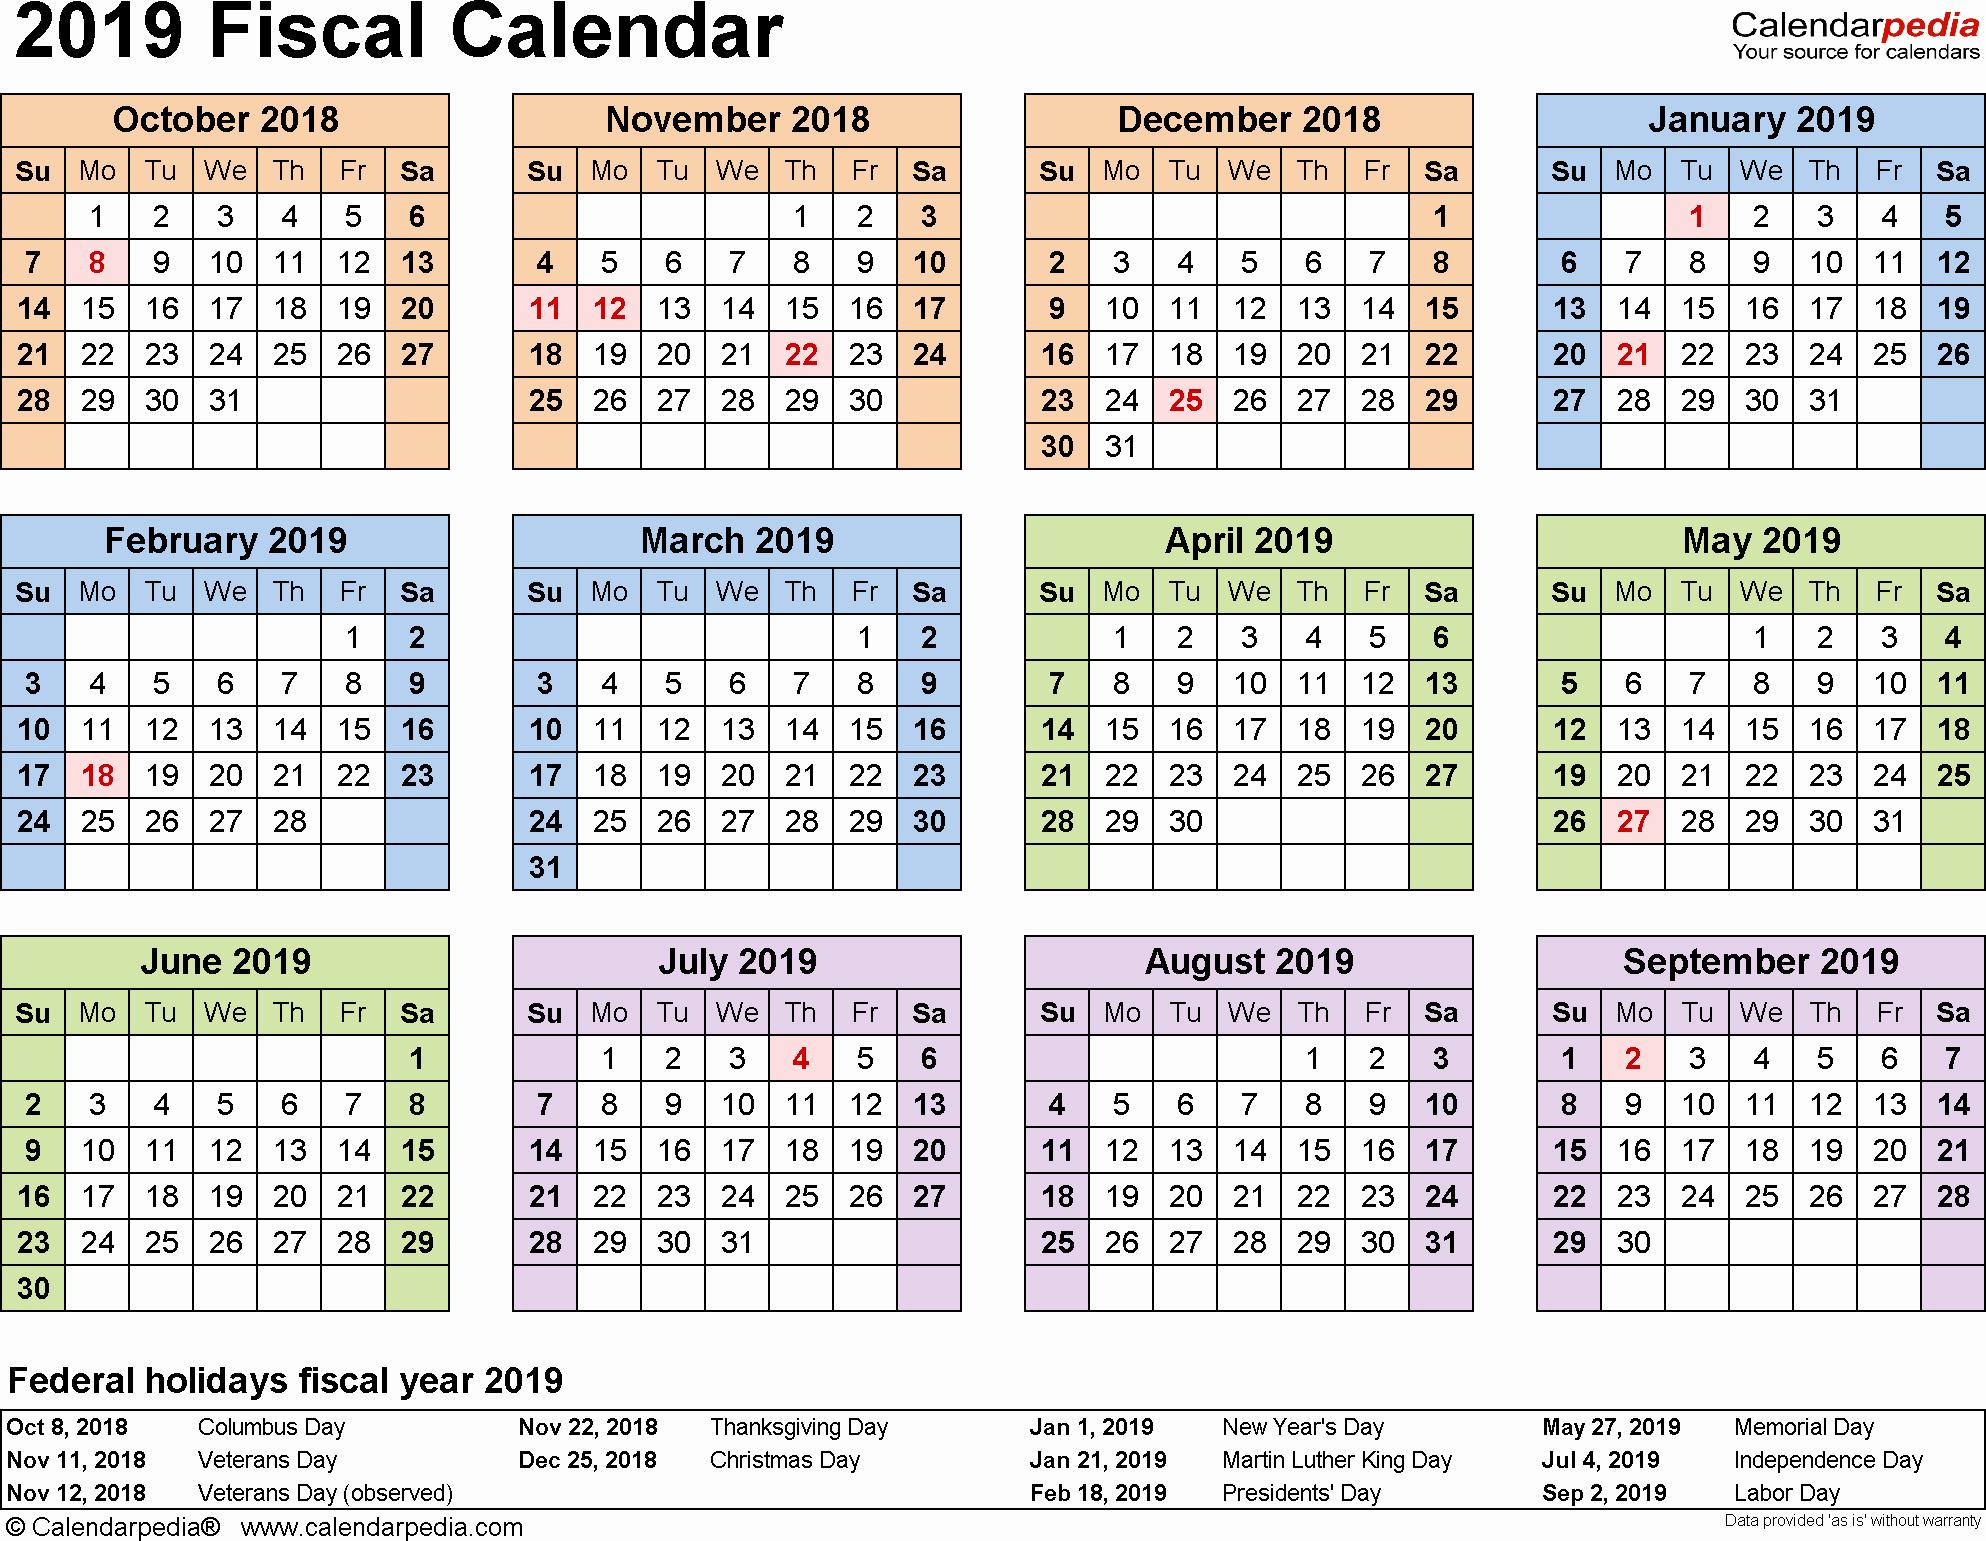 2019 Biweekly Payroll Calendar Template Inspirational Payroll Calendar 2019 Hhs